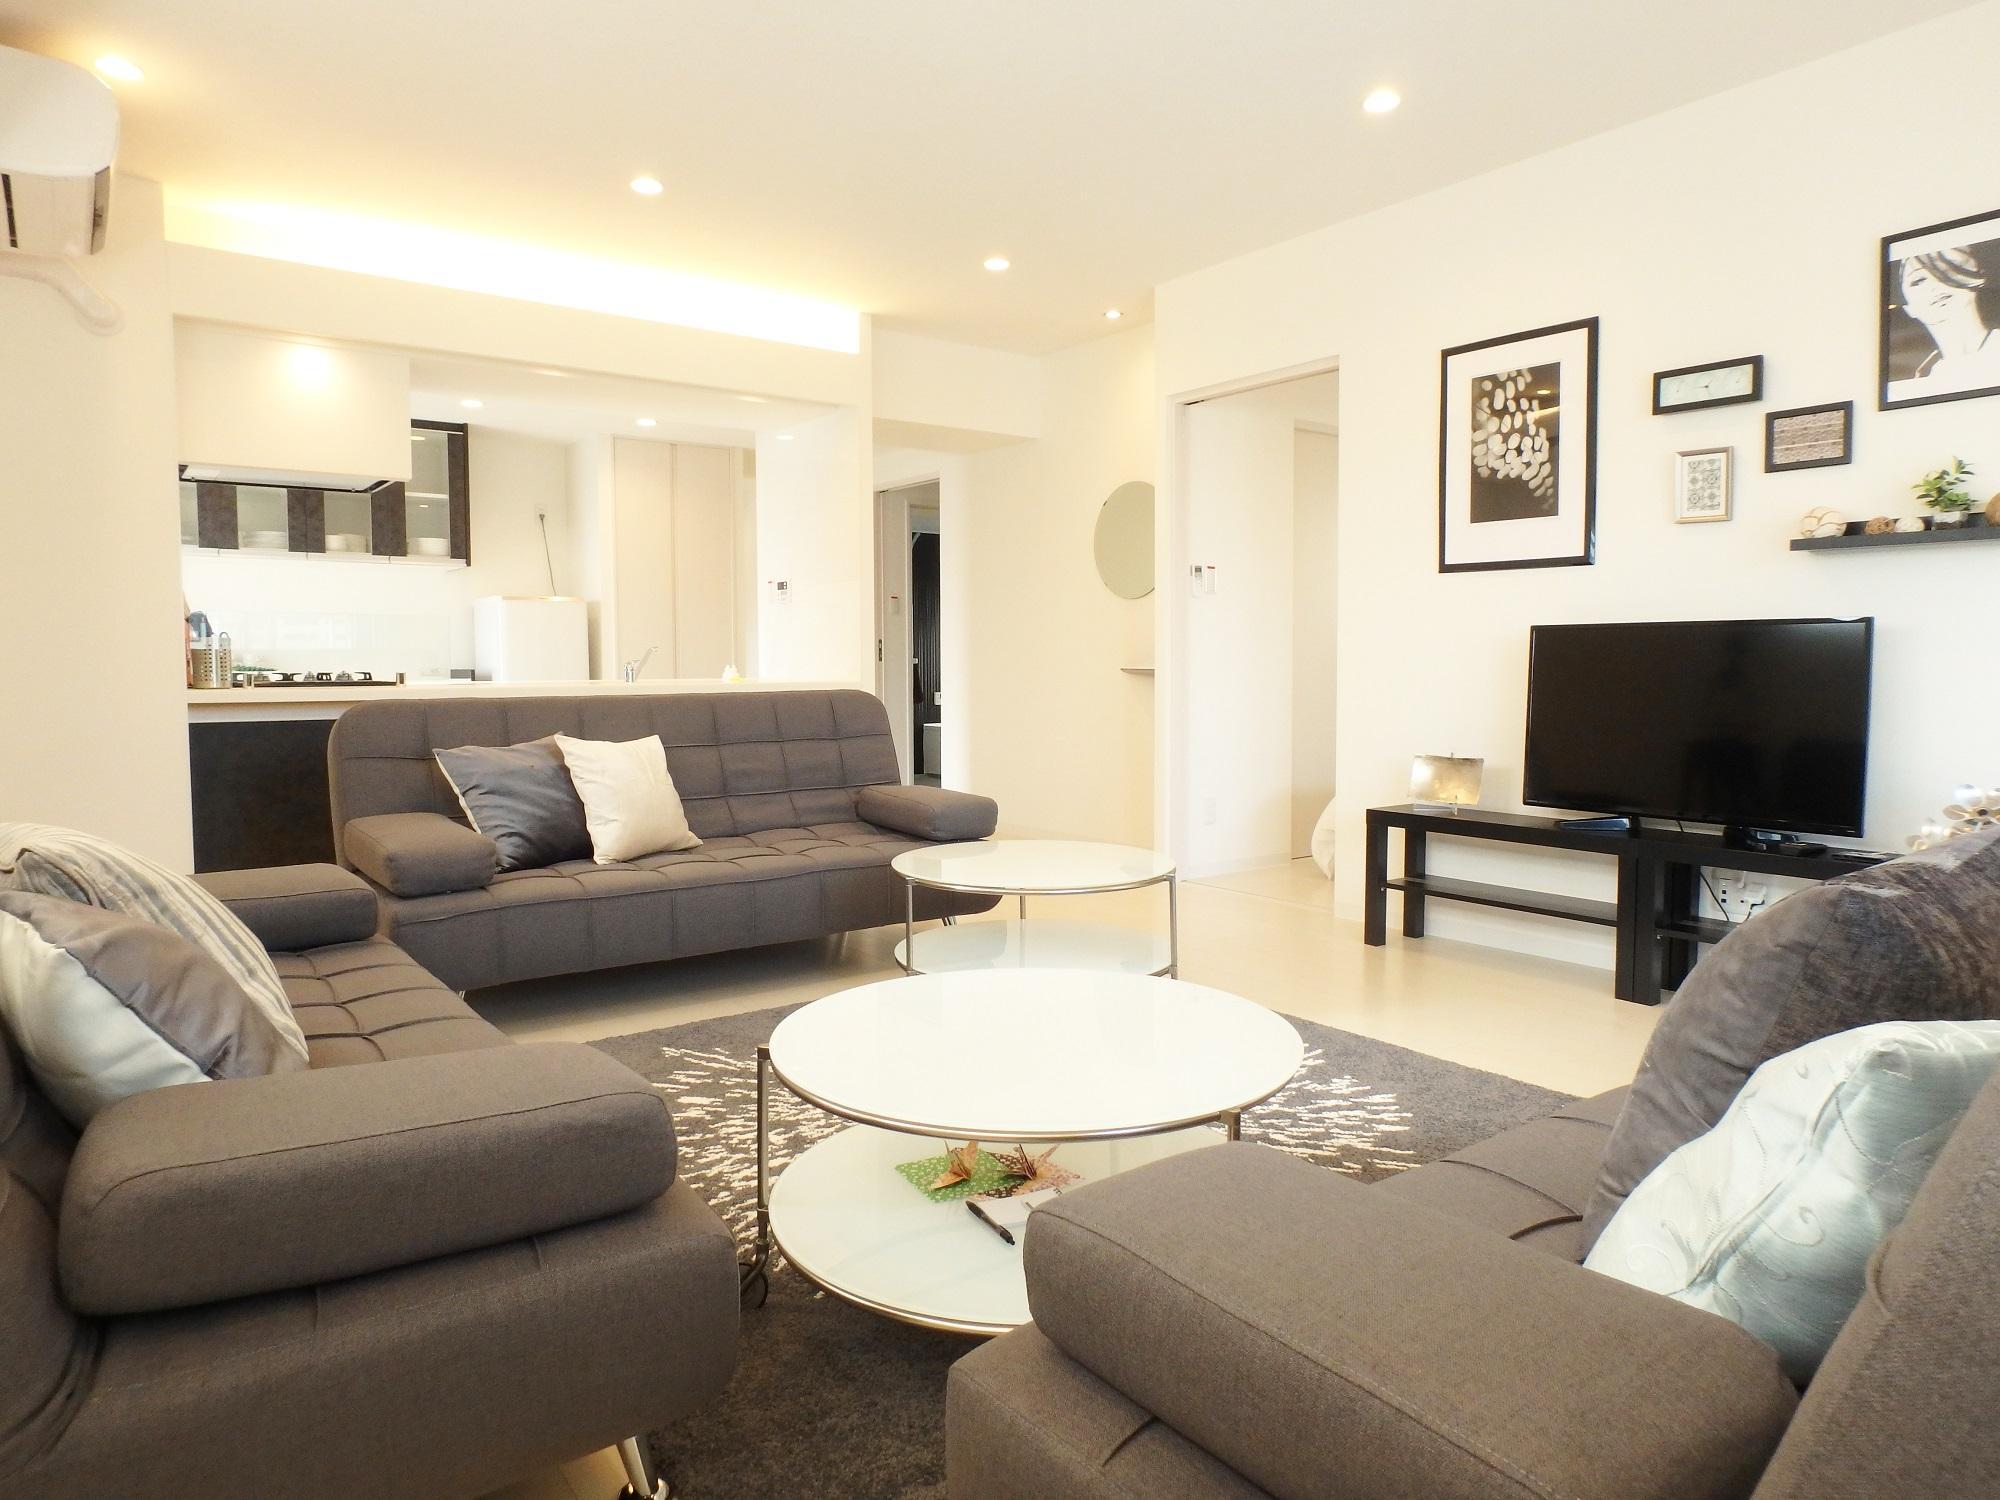 HK New Suite 2 Bedroom Built In 2016